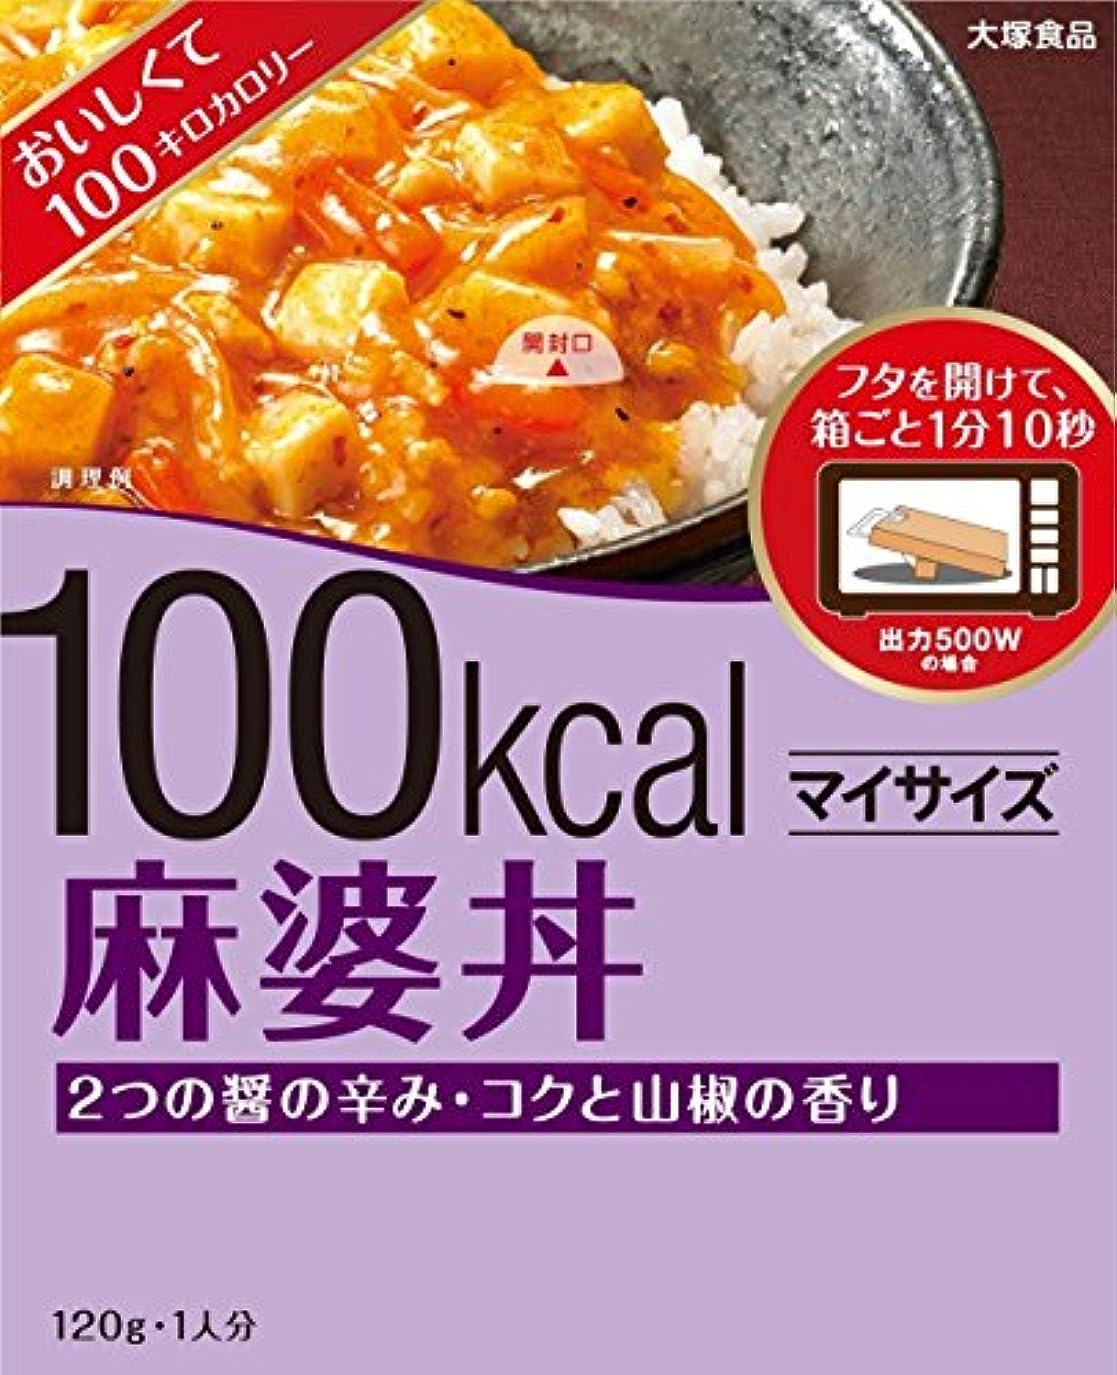 もっと廊下免疫する大塚 マイサイズ 麻婆丼 120g【5個セット】